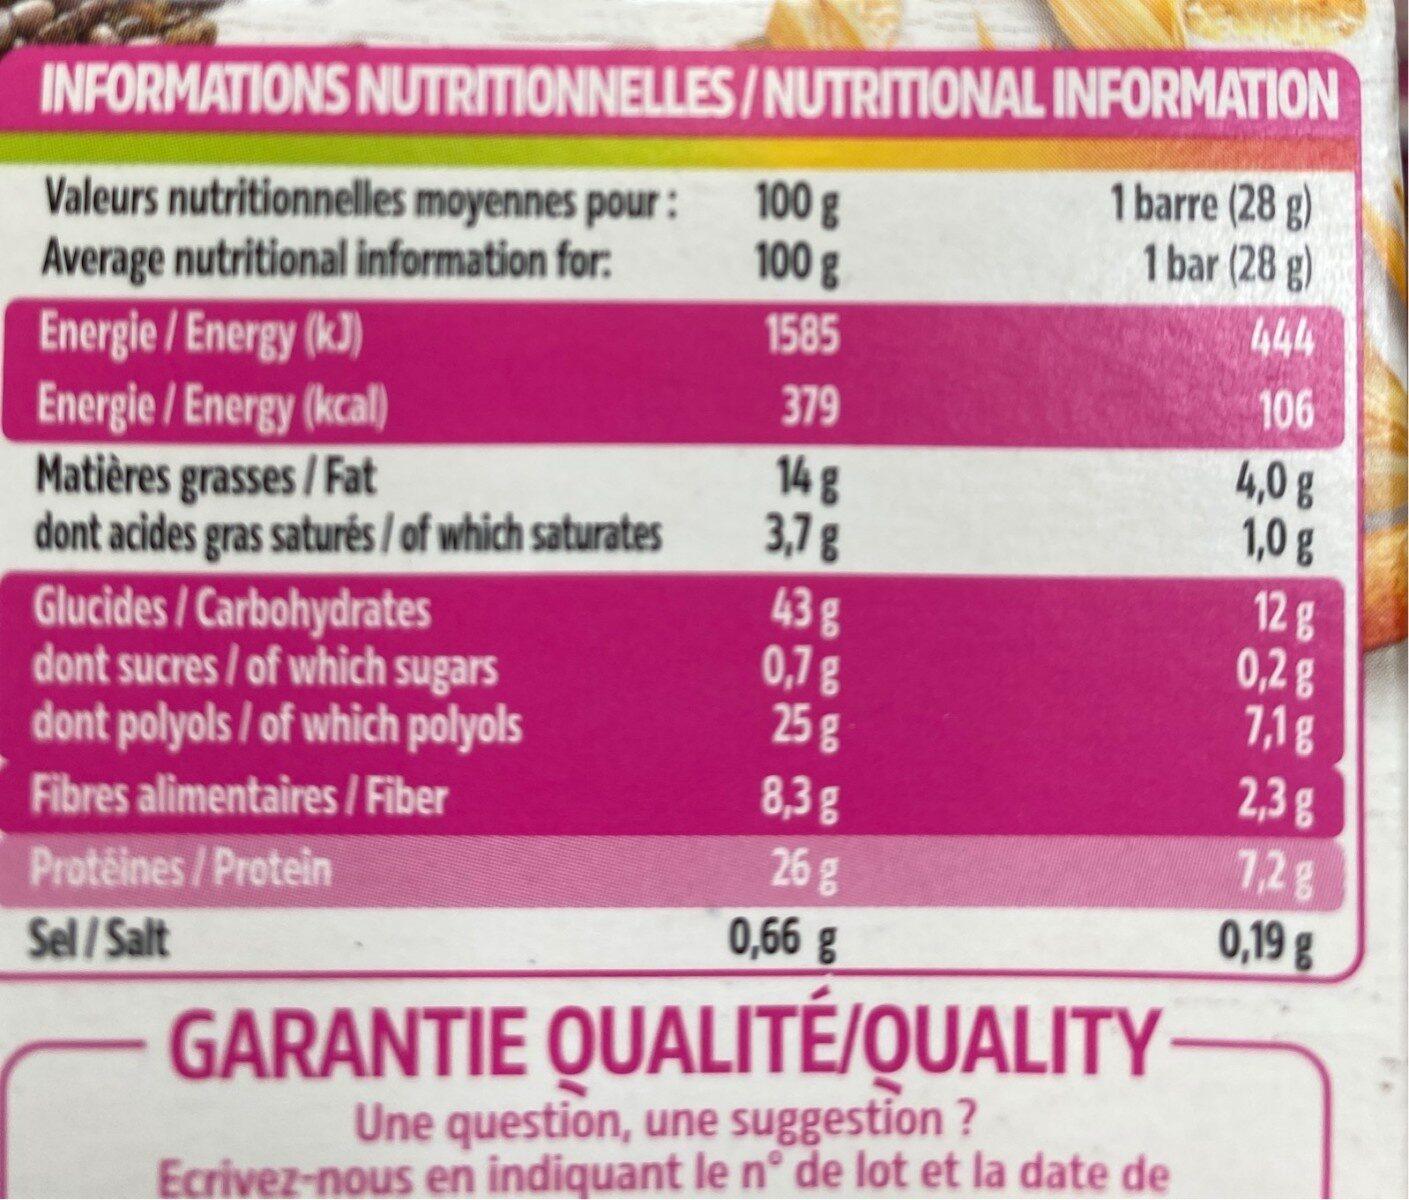 Barres au chocolat et graines de chia - Informations nutritionnelles - fr